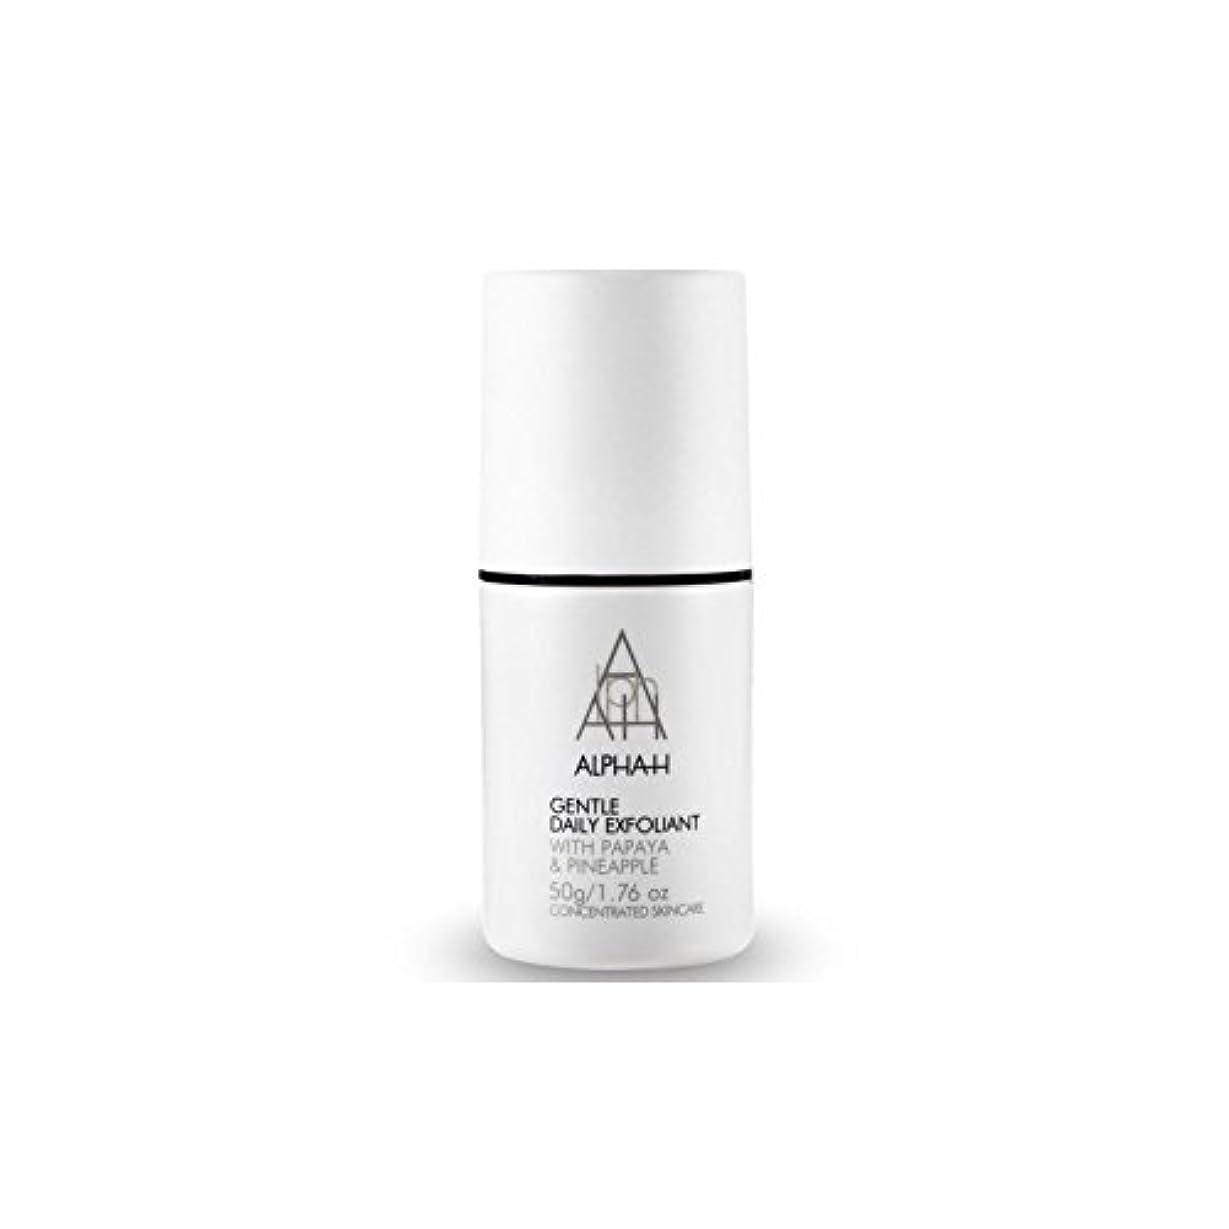 専門スキム瞬時にアルファ - 時間穏やか毎日の角質(50グラム) x2 - Alpha-H Gentle Daily Exfoliant (50G) (Pack of 2) [並行輸入品]